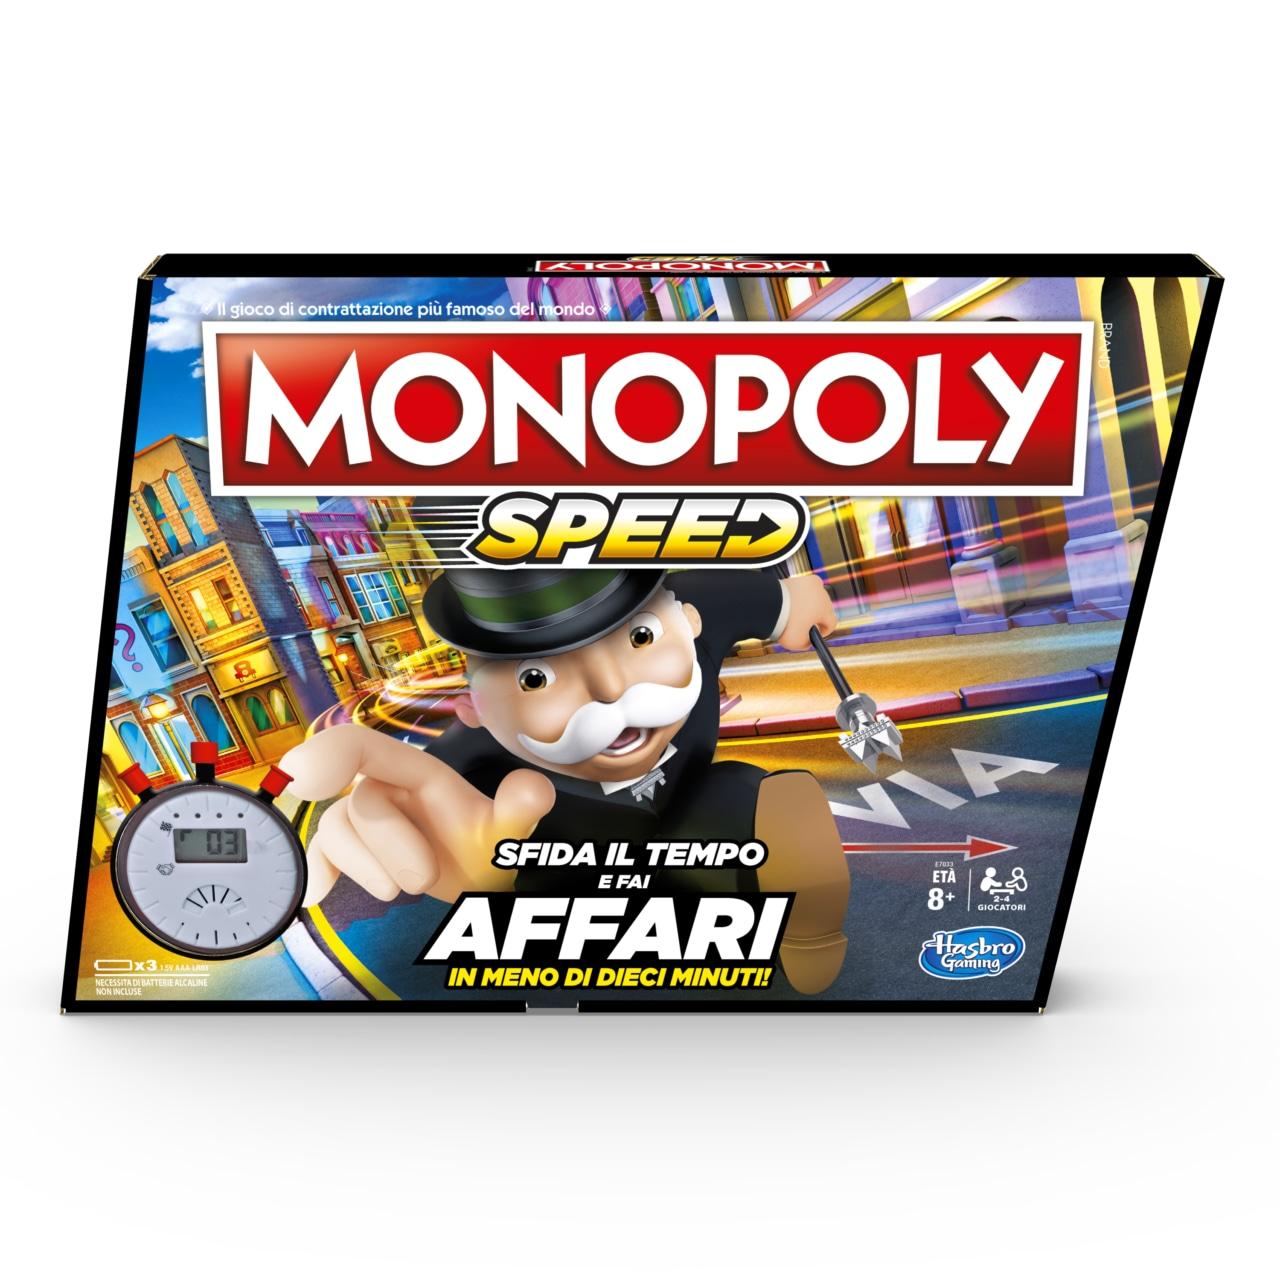 Ecco Monopoly Speed, ovvero il Monopoly per chi ha fretta (o poca pazienza)